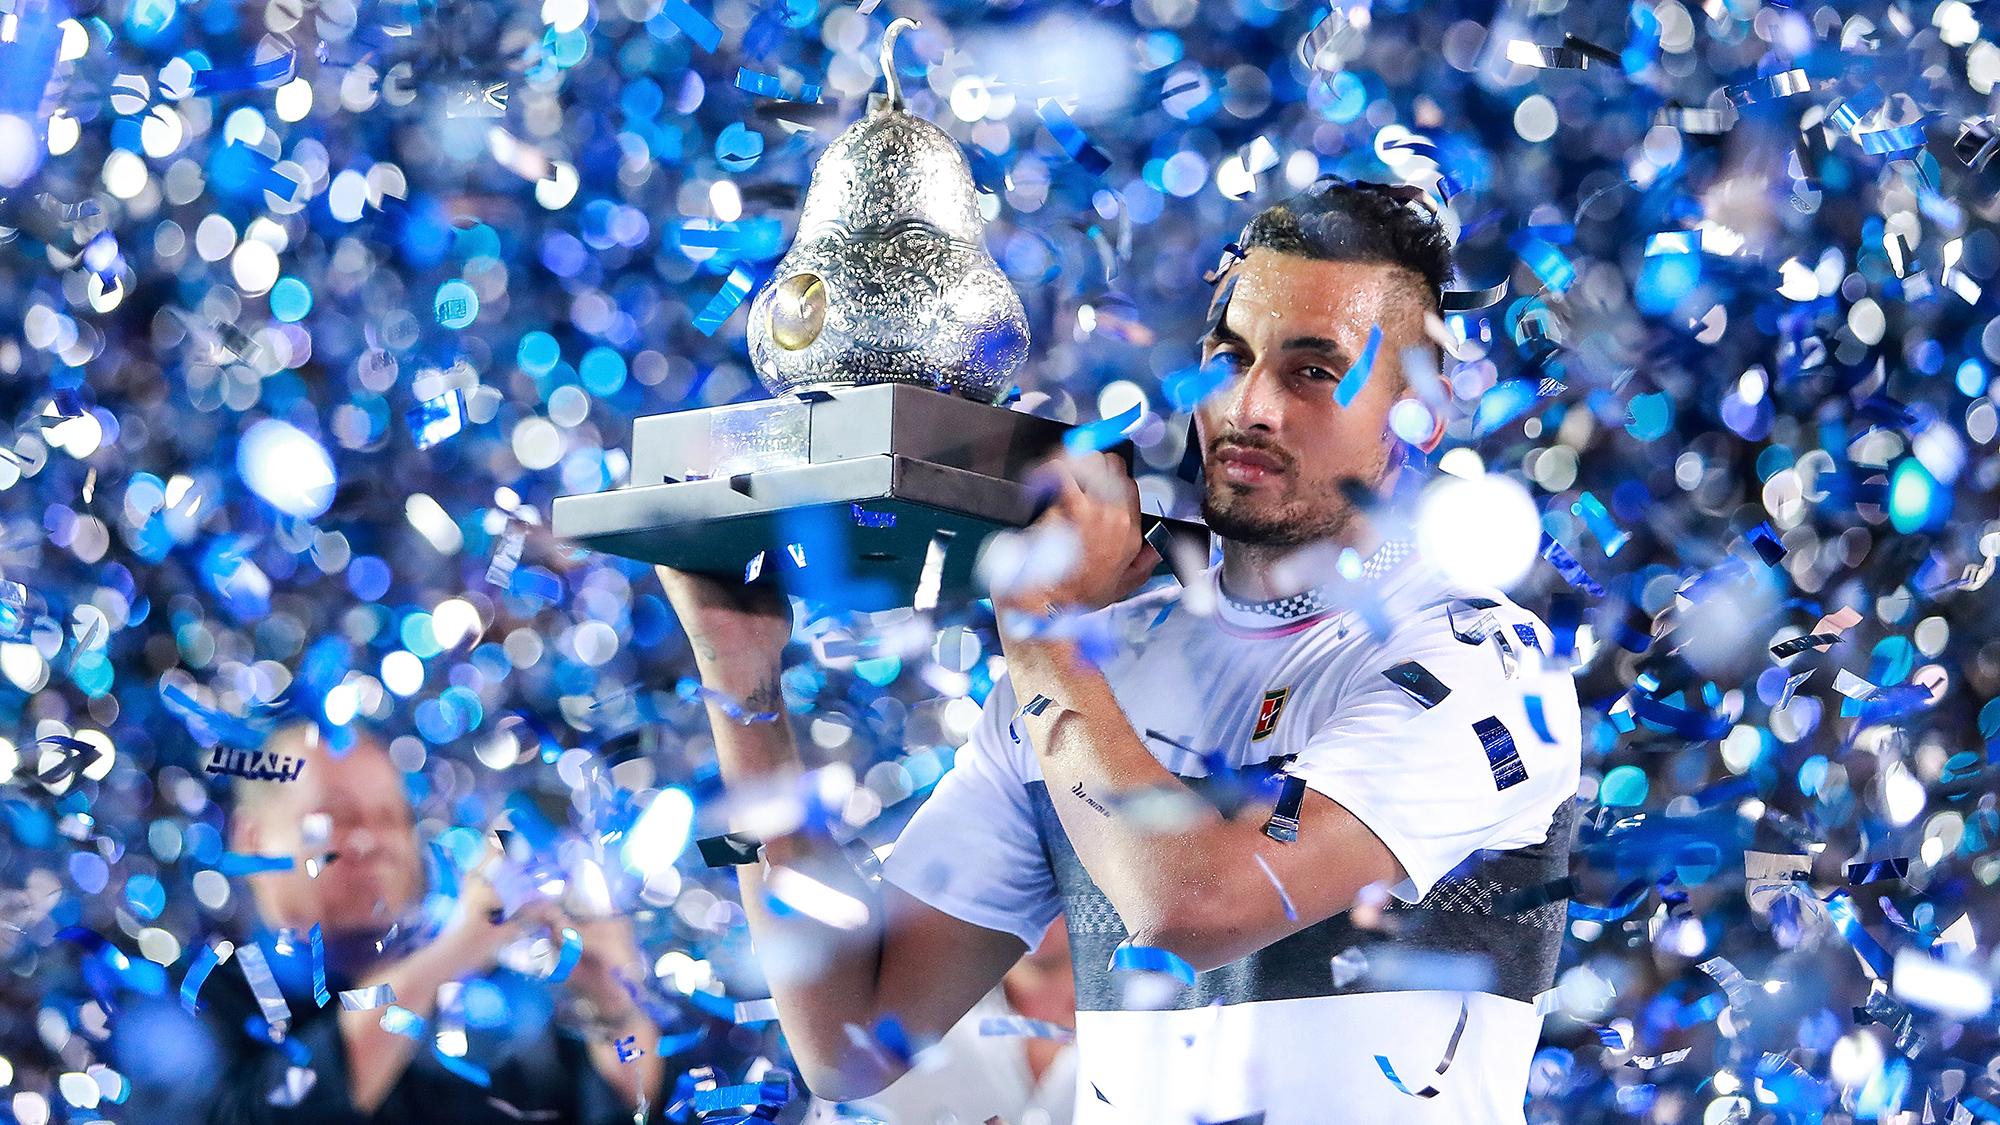 Nick Kyrigos Acapulco Mexico Open trophy champion